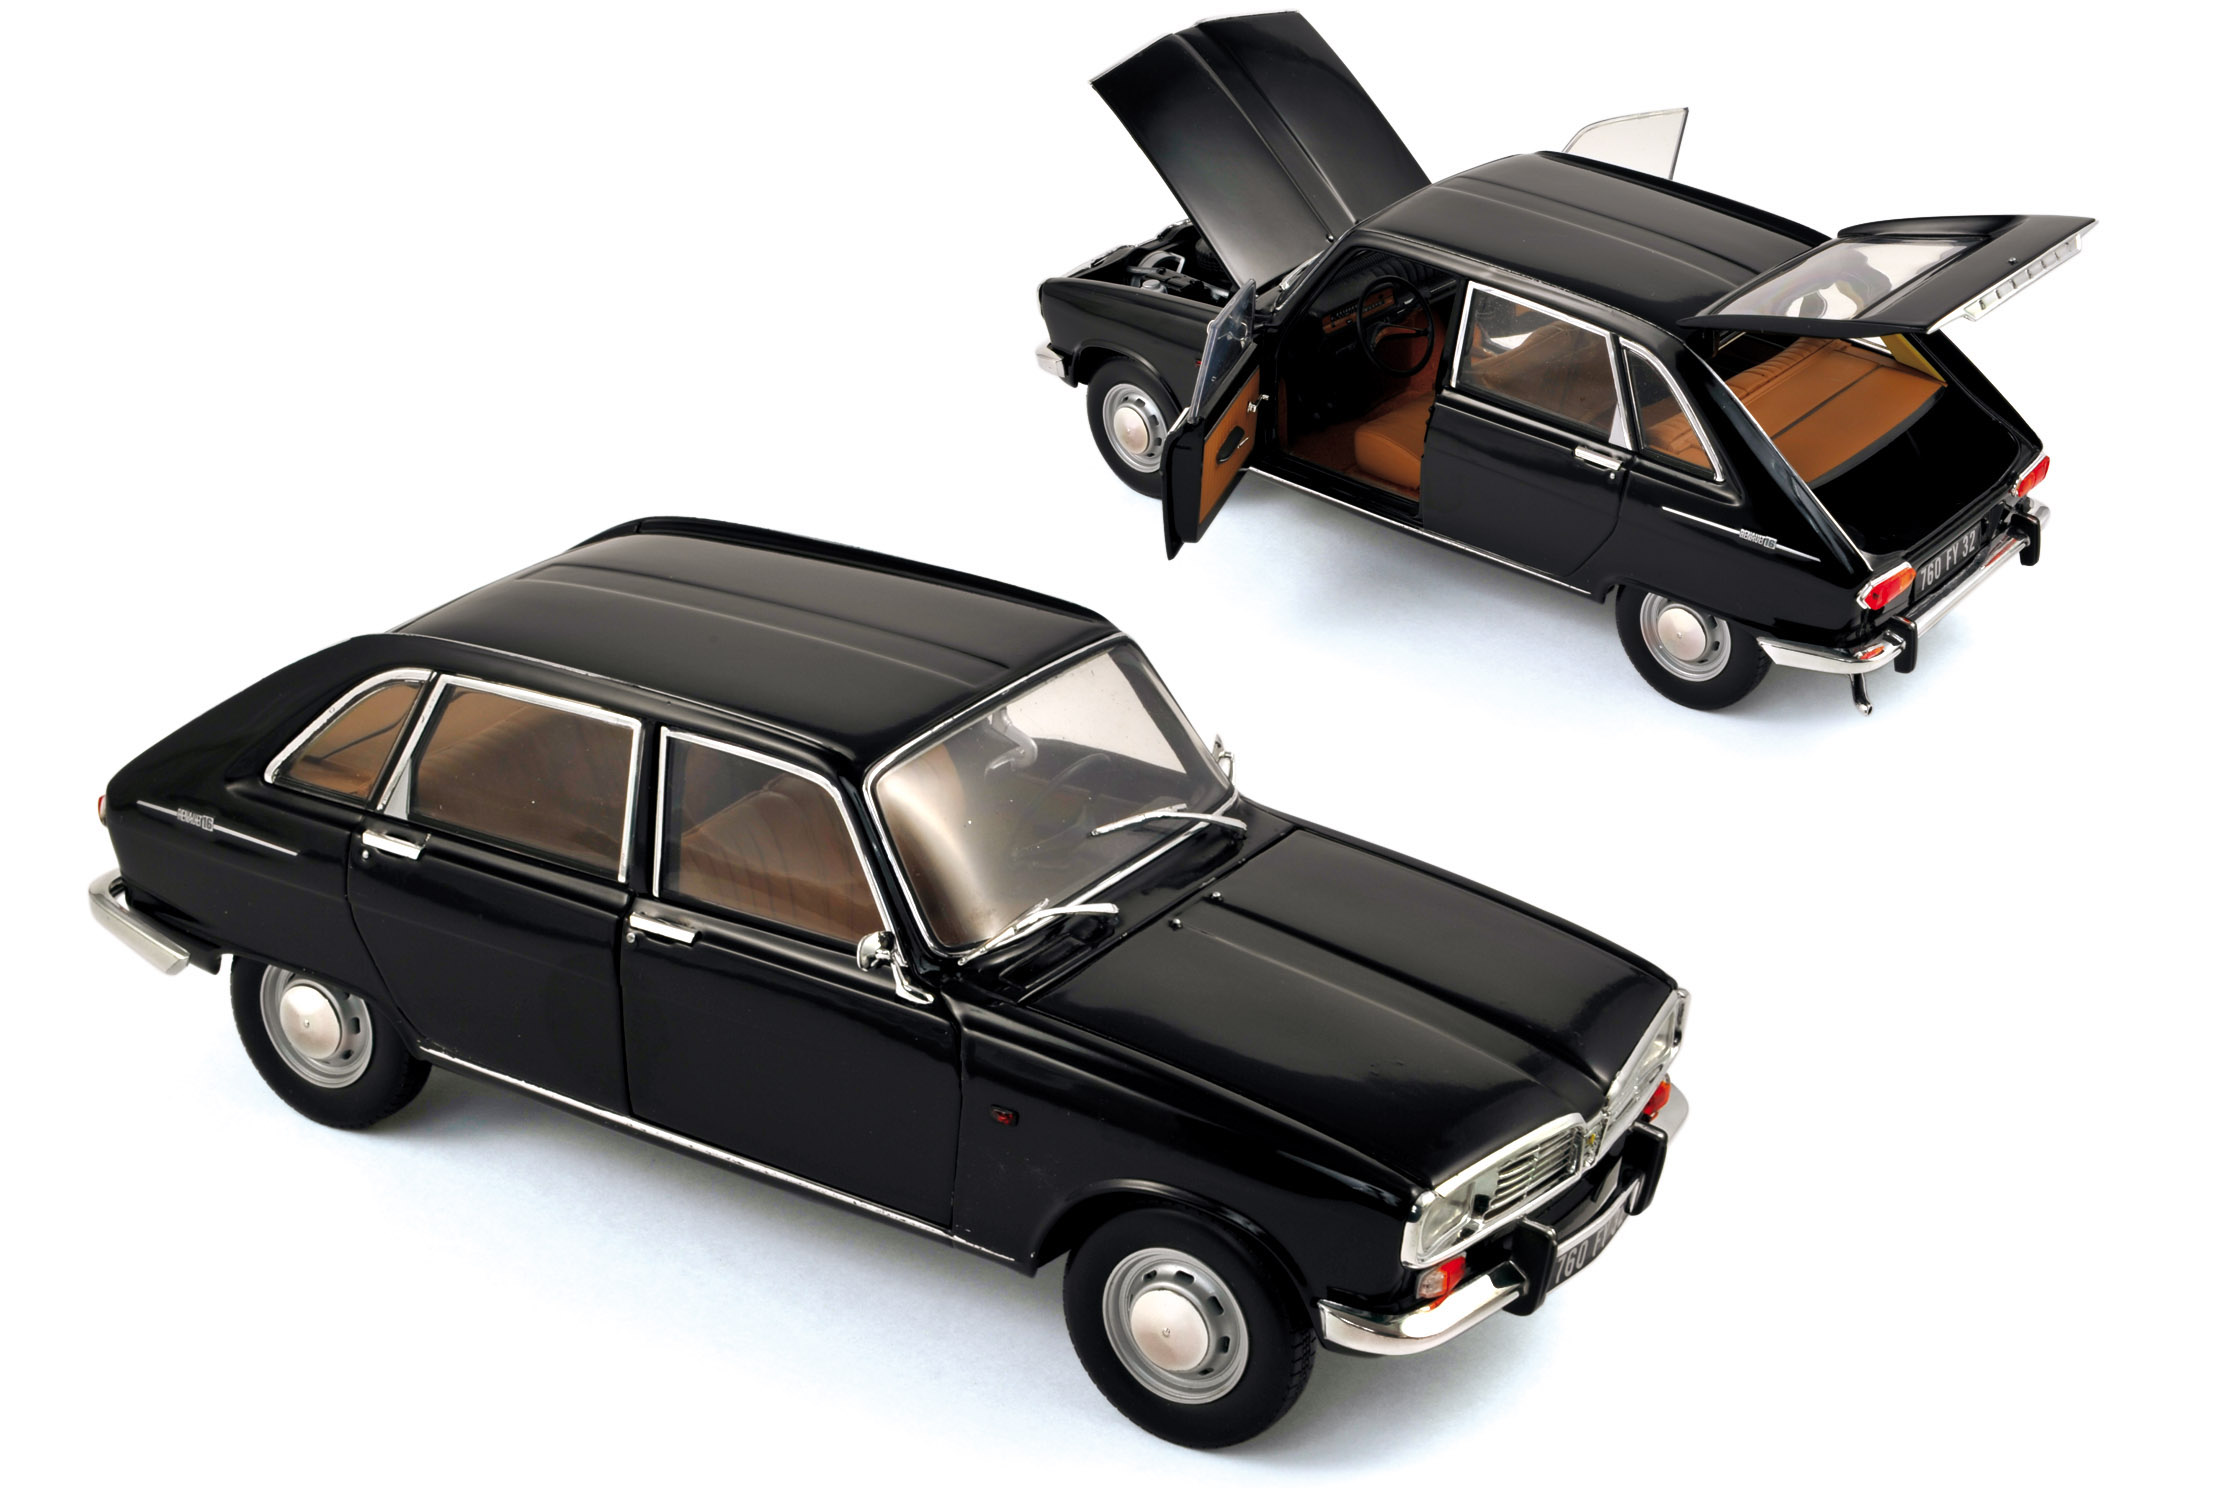 renault 16 1968 noire 1 18 norev 185129. Black Bedroom Furniture Sets. Home Design Ideas